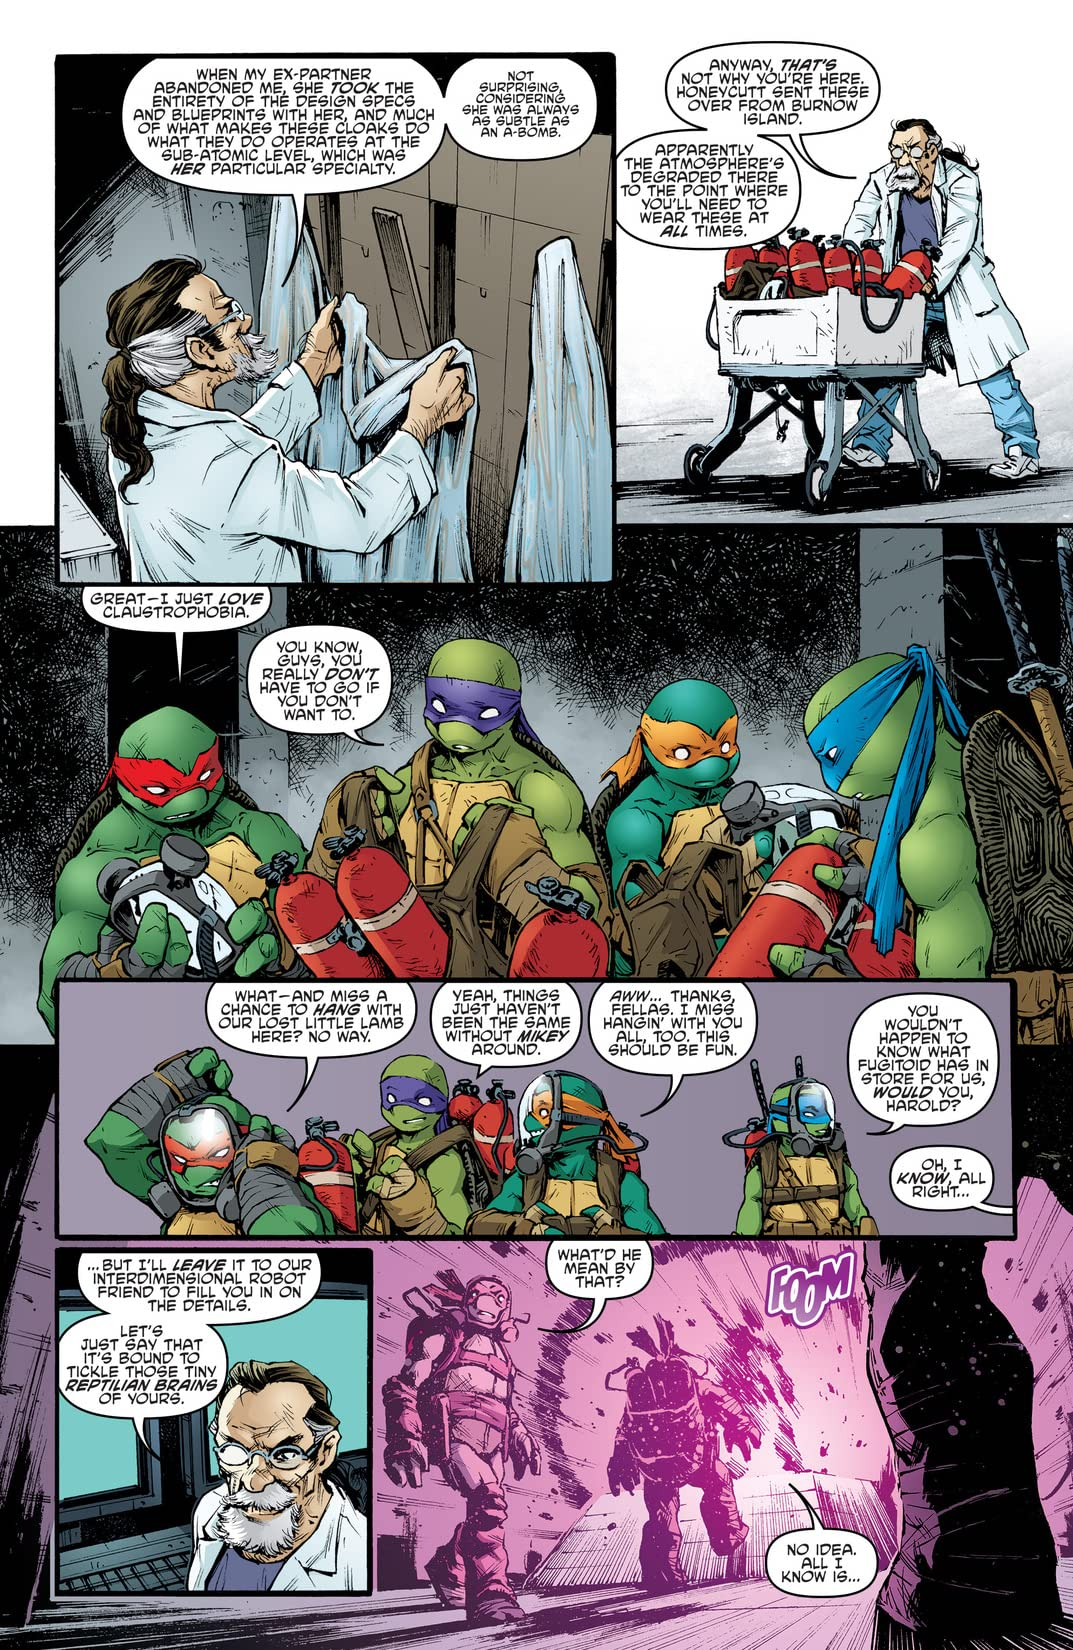 Teenage Mutant Ninja Turtles Vol. 15: Leatherhead